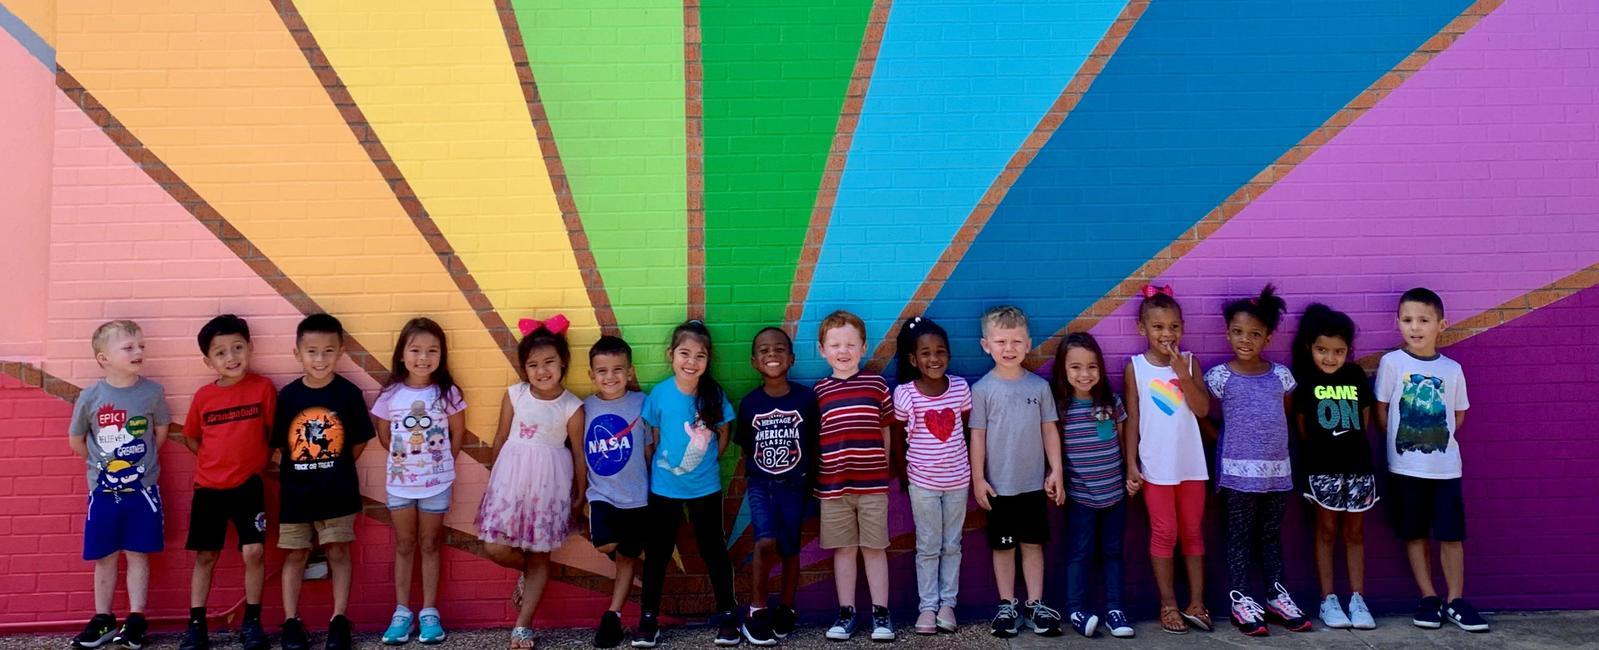 Turner Prekindergarten Academy students